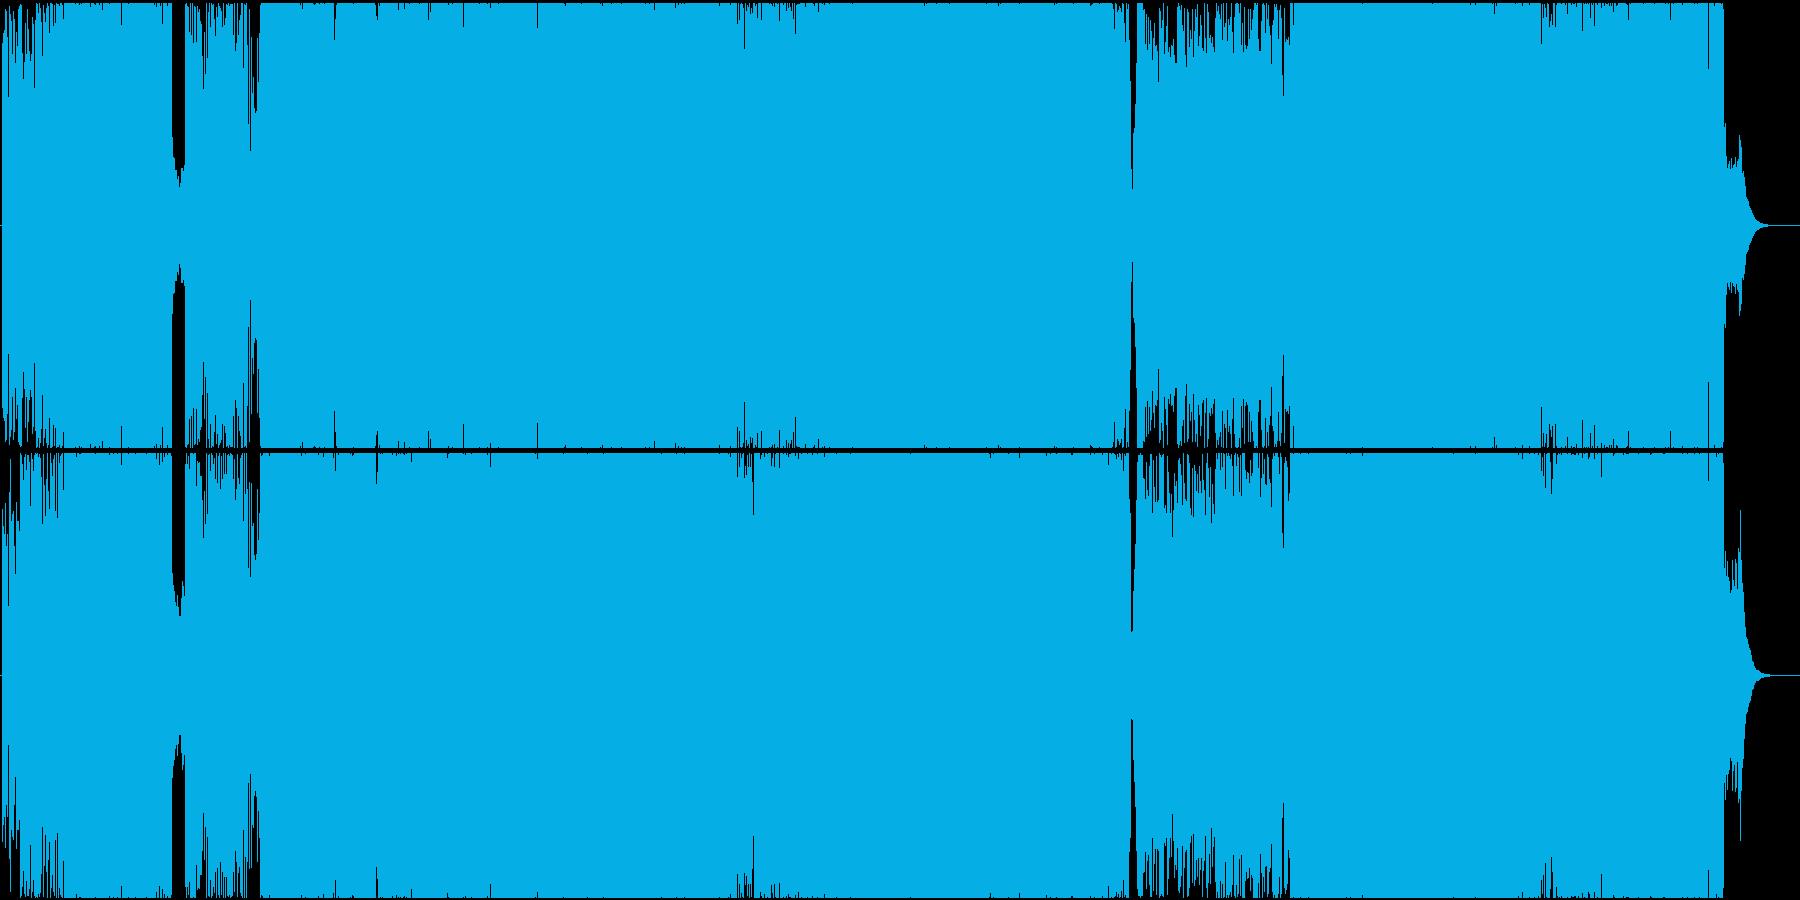 せつない和風物語歌曲(ハードロック)の再生済みの波形